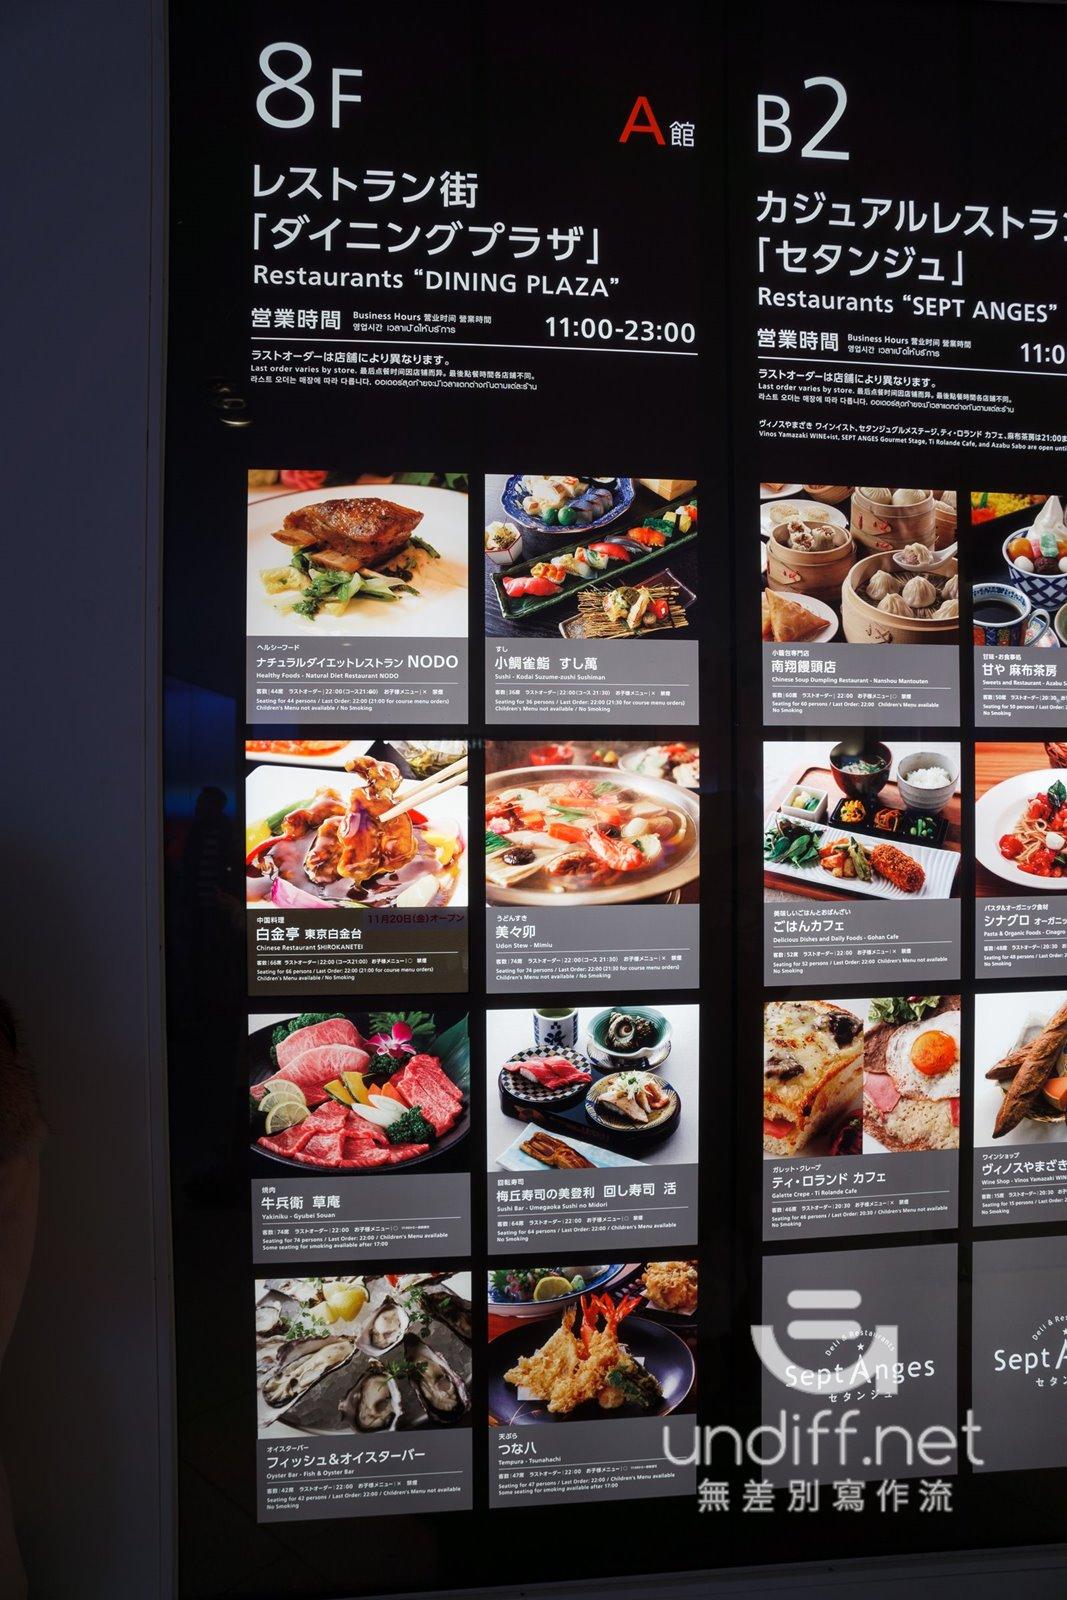 【東京美食】澀谷 回し寿司 活.美登利 西武澀谷店 》超值新鮮又美味的迴轉壽司 2